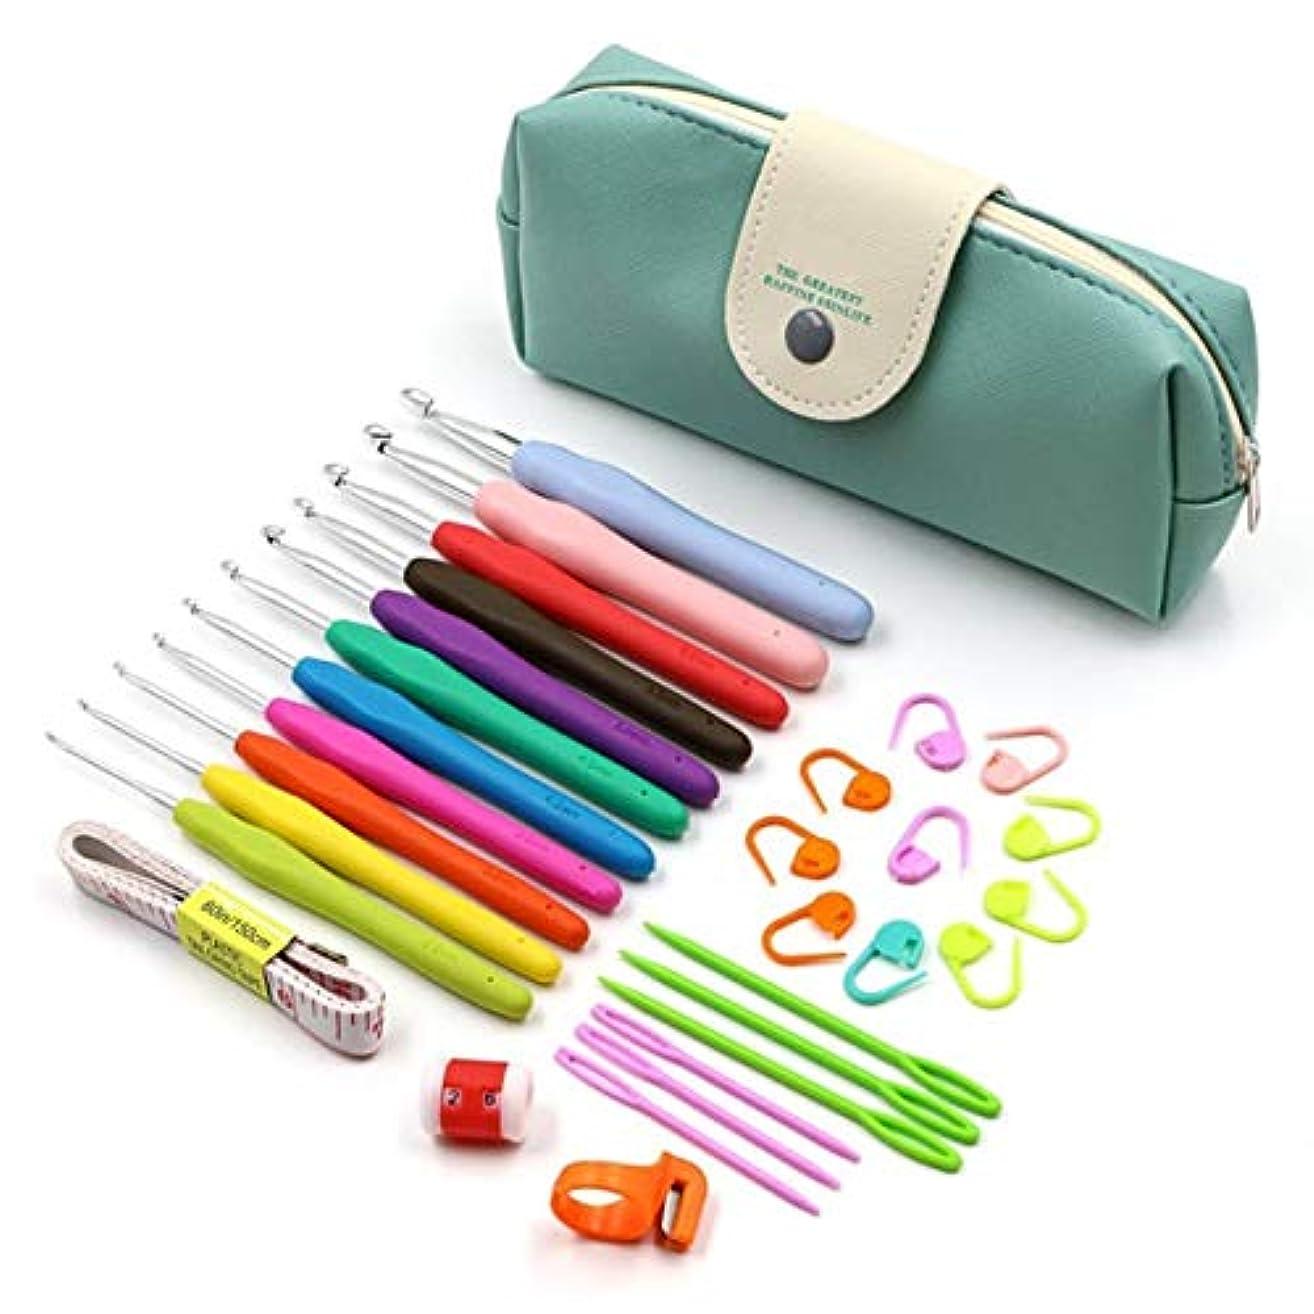 きらめき微妙ズームインするSaikogoods ソフトハンドル 収納袋付きアルミかぎ針編みのフックキット 糸編み物針 裁縫ツール 人間工学に基づいたグリップセット 多色